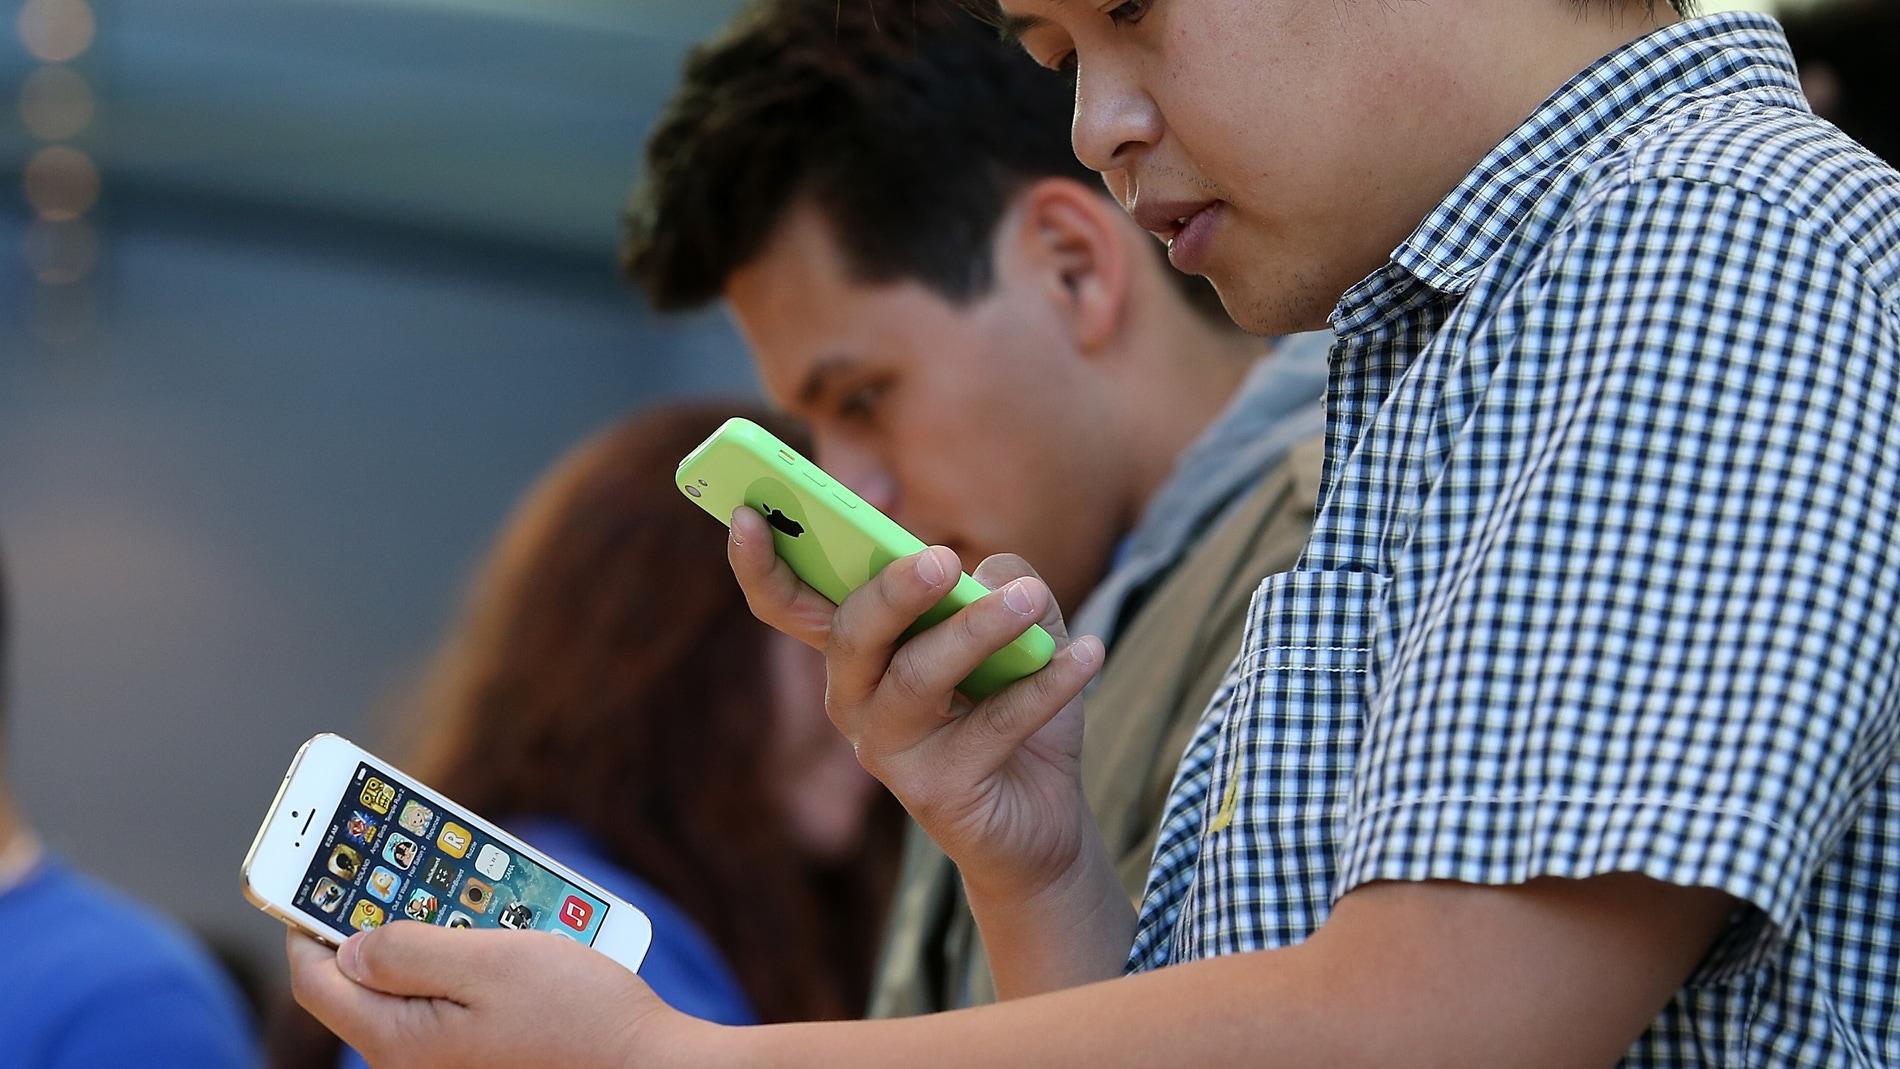 Jóvenes probando un iPhone